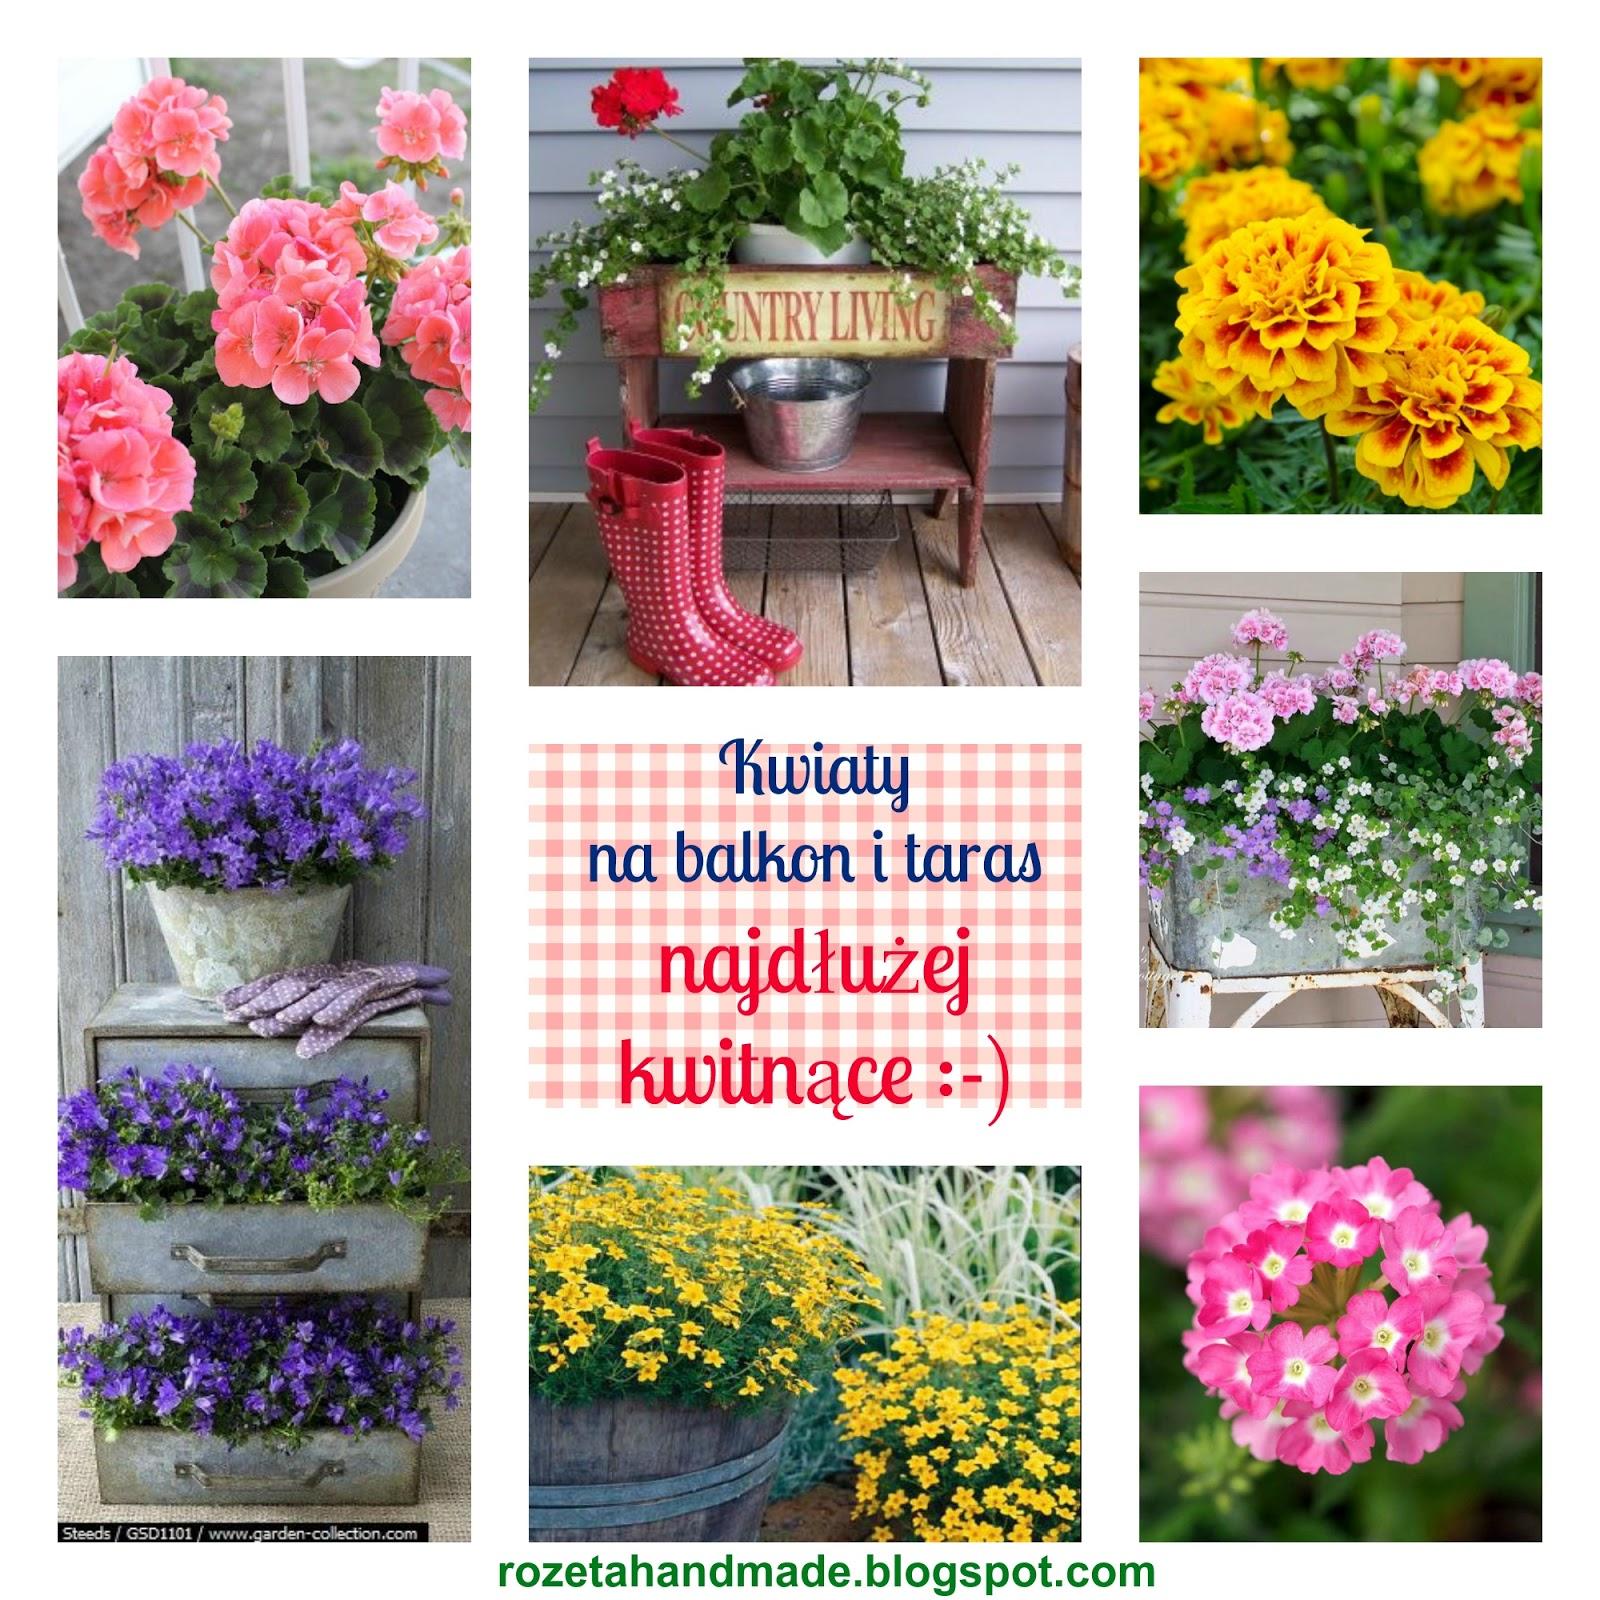 Jakie Kwiaty Posadzic W Maju By Kwitly Do Poznej Jesieni Czyli Kwiaty Na Balkon I Taras Najdluzej Kwitnace D Rozeta By Ewa Stopka